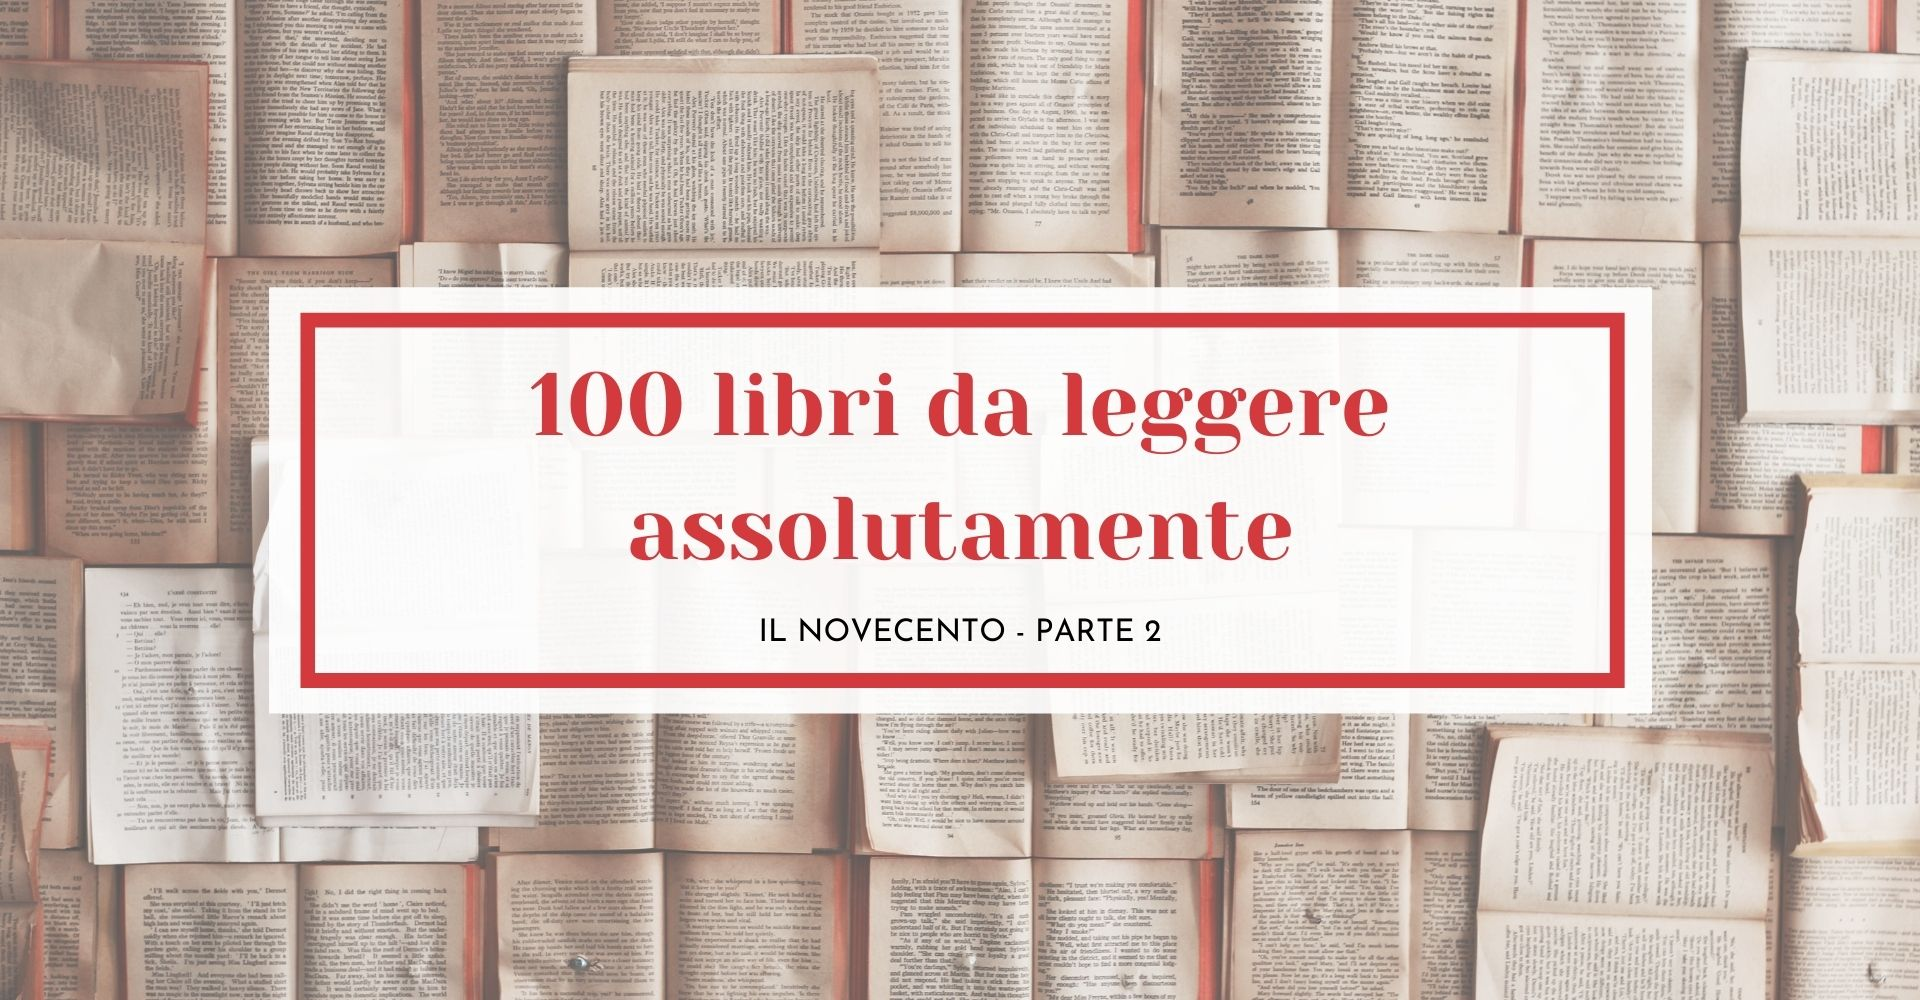 100 libri da leggere assolutamente nella vita (Seconda Parte)